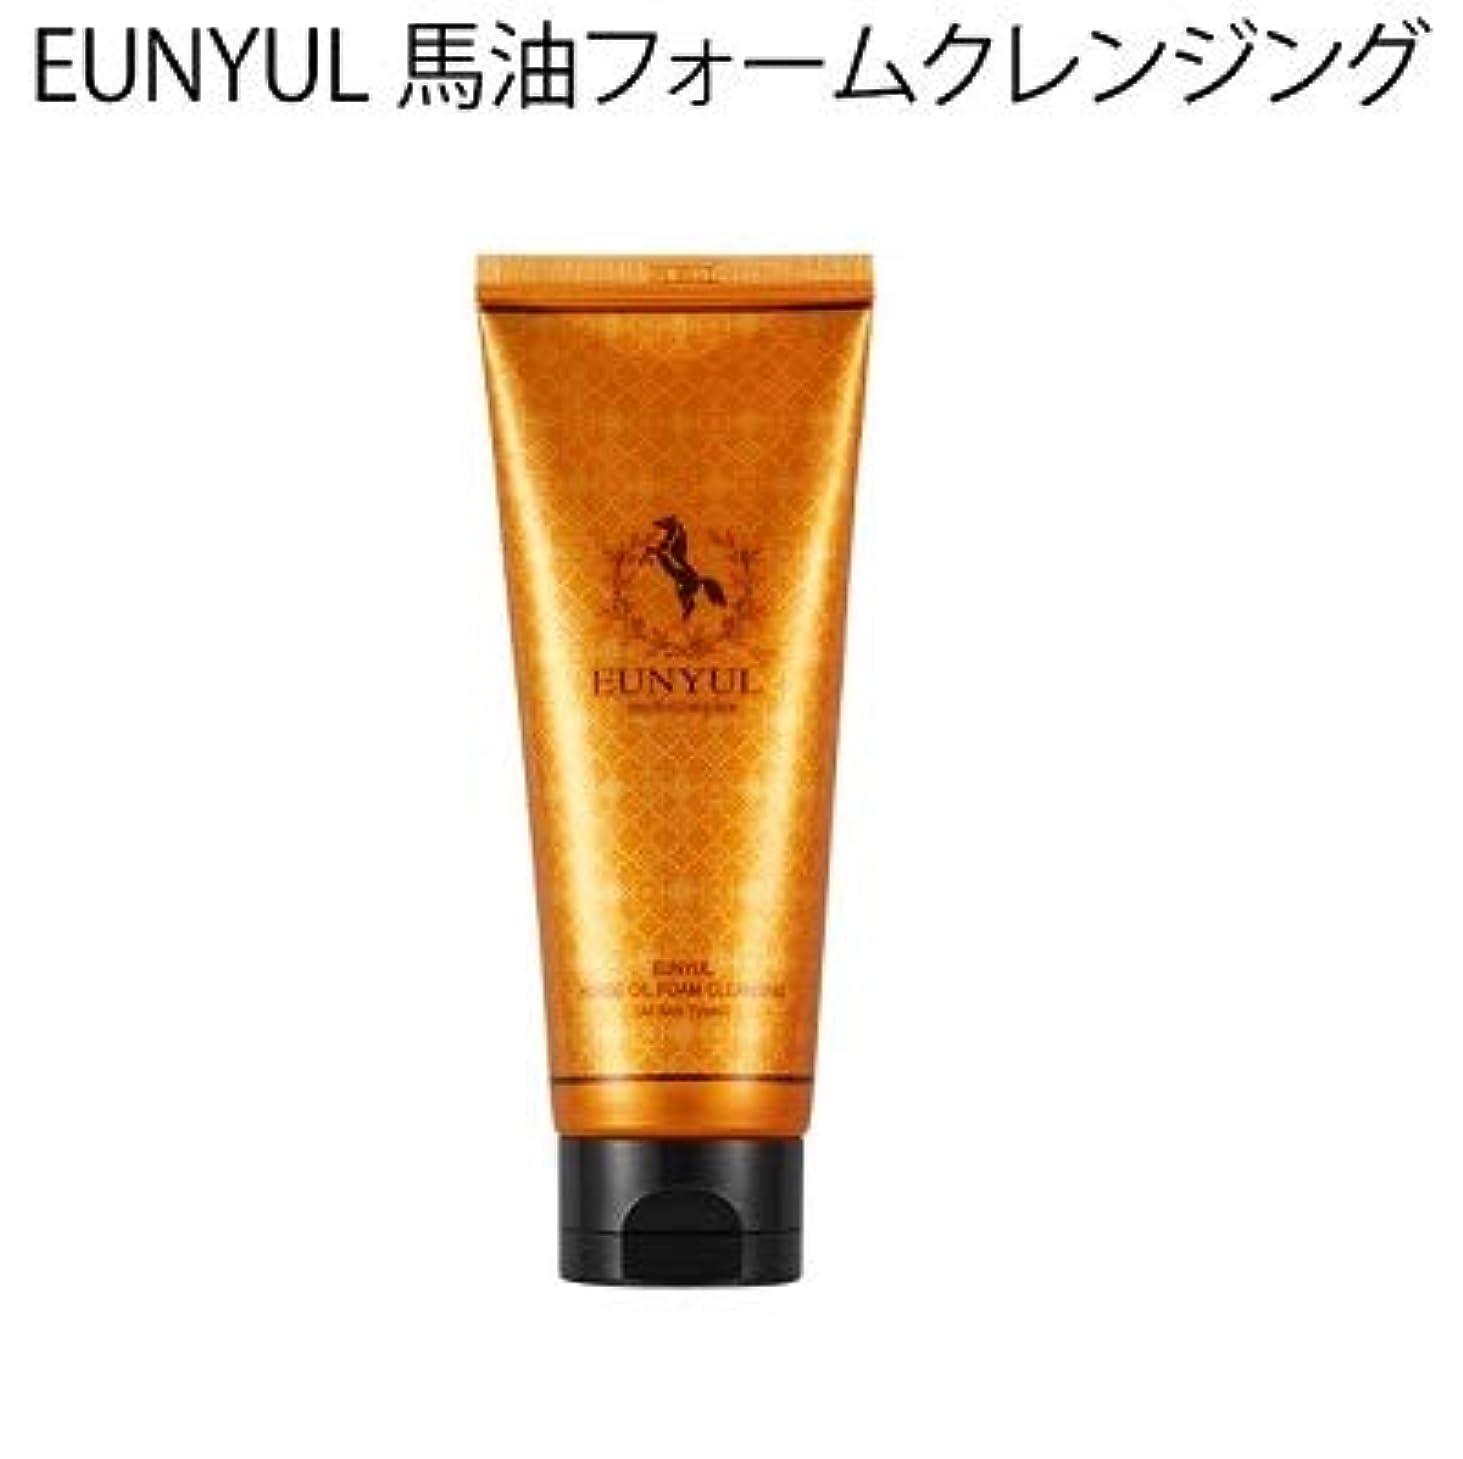 コンドーム画面横向き韓国 EUNYUL 馬油フォームクレンジング 洗顔フォーム(150ml)